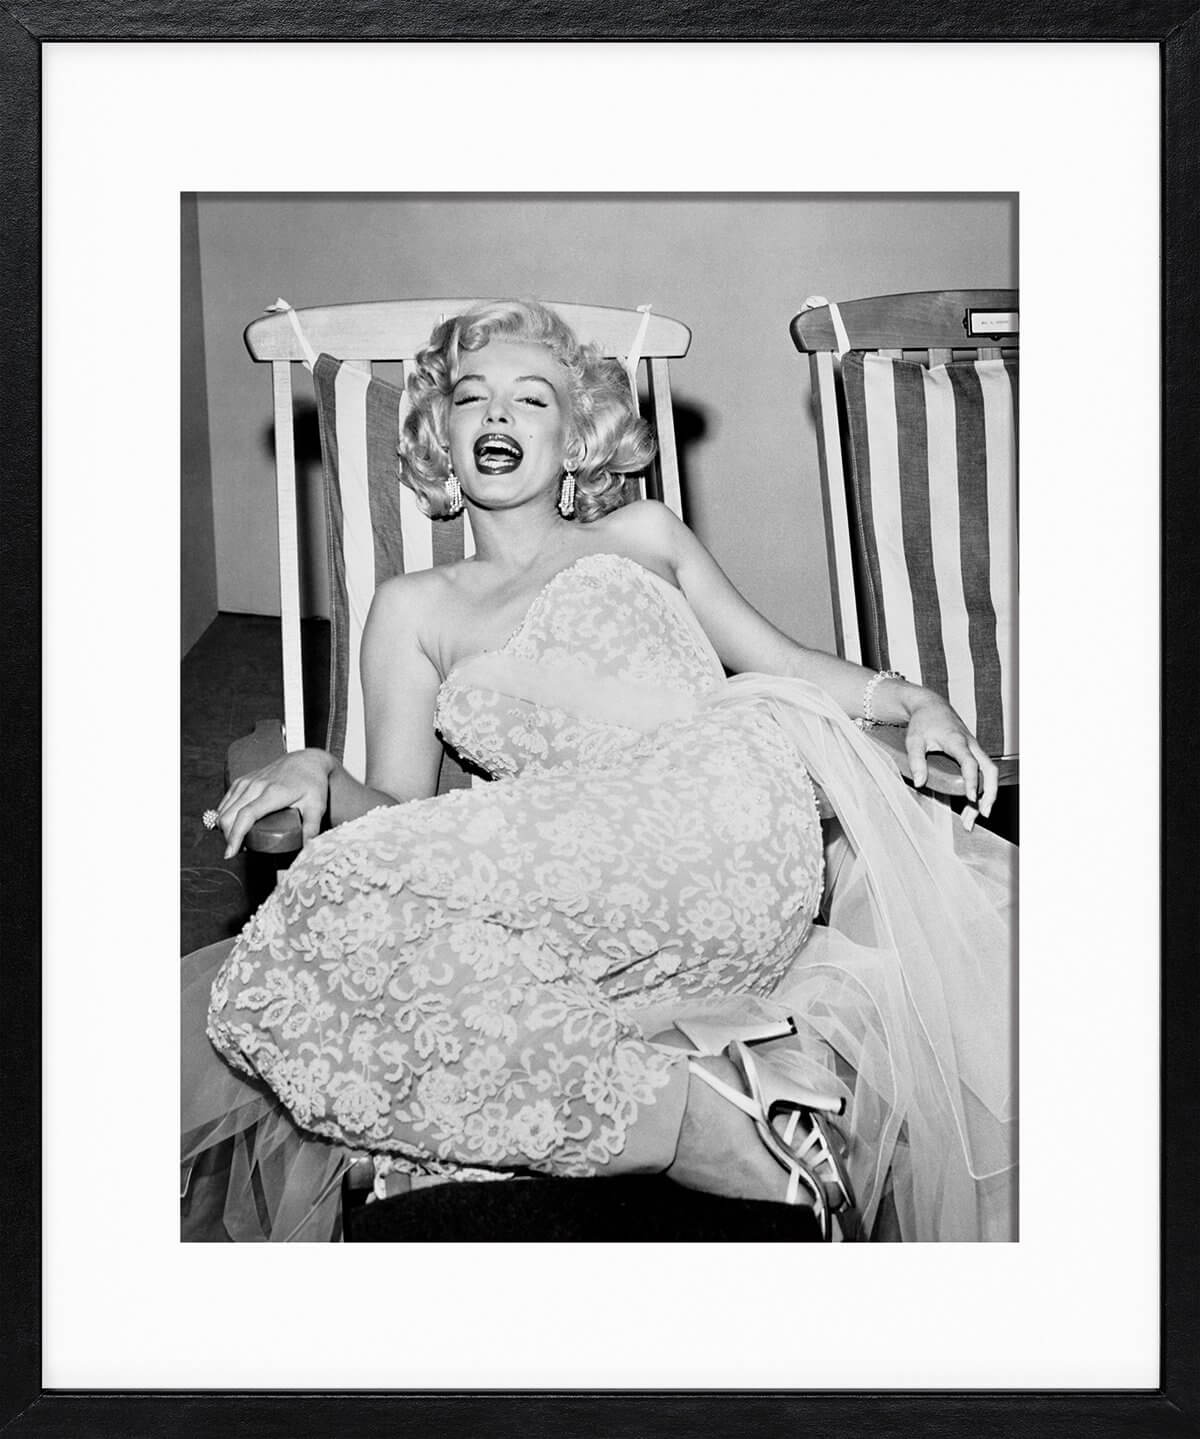 Frank Worth: Marilyn Monroe in deckchair 1955